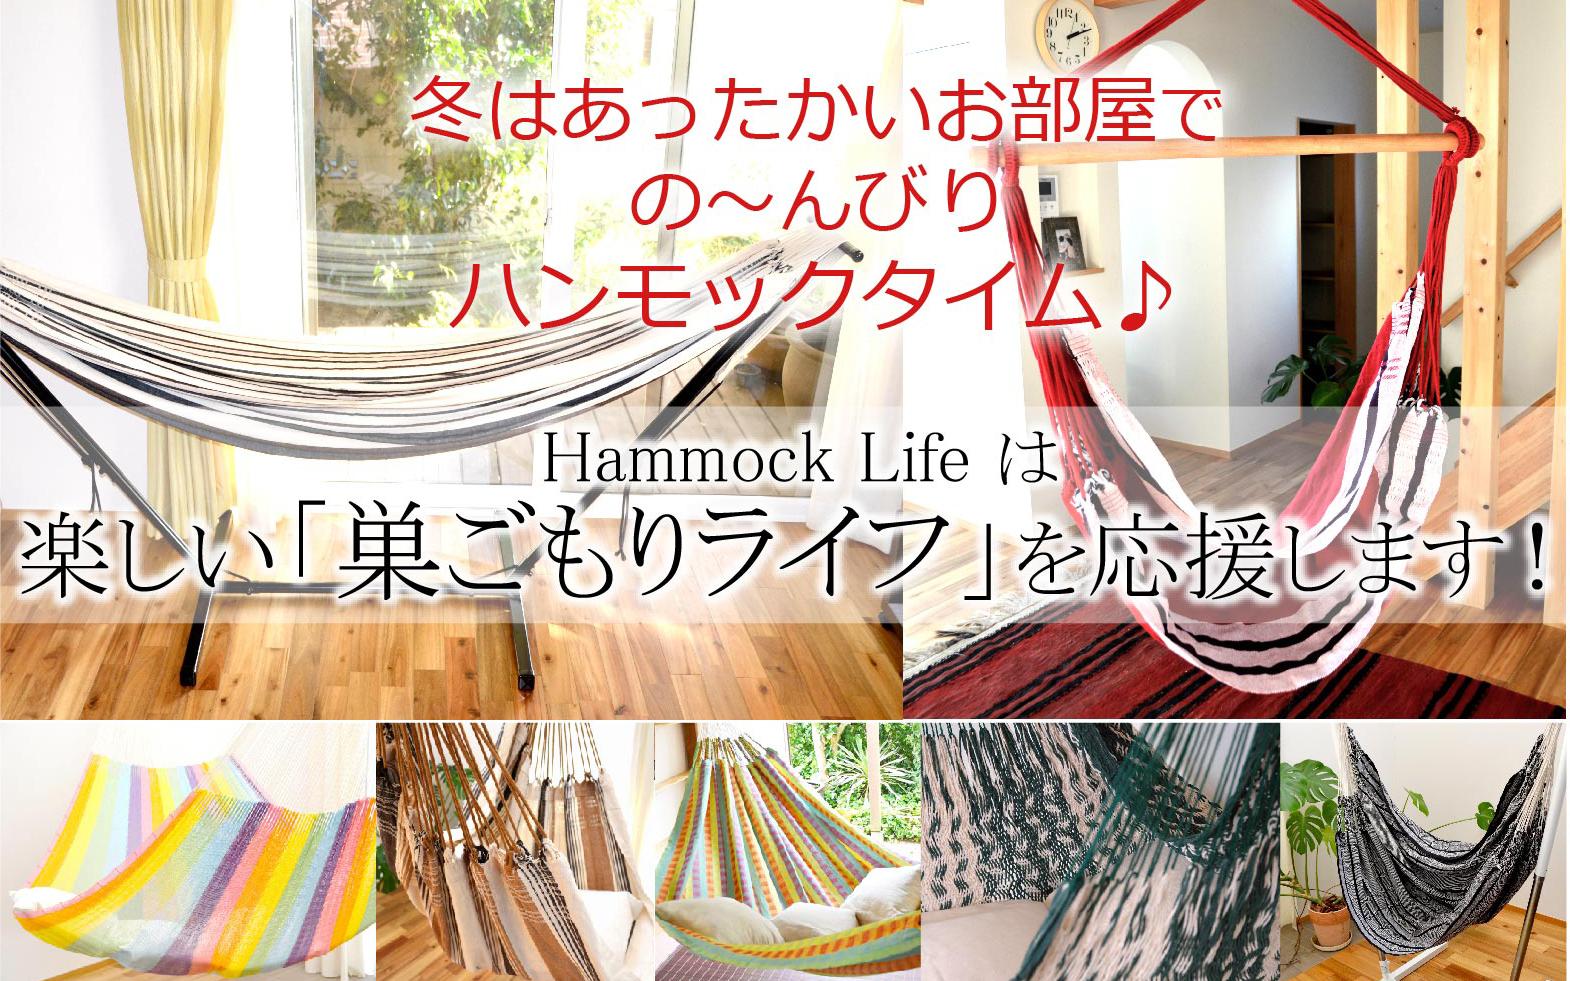 「もっと暮らしにハンモックを」ハンモックを上手に暮らしにとり入れよう